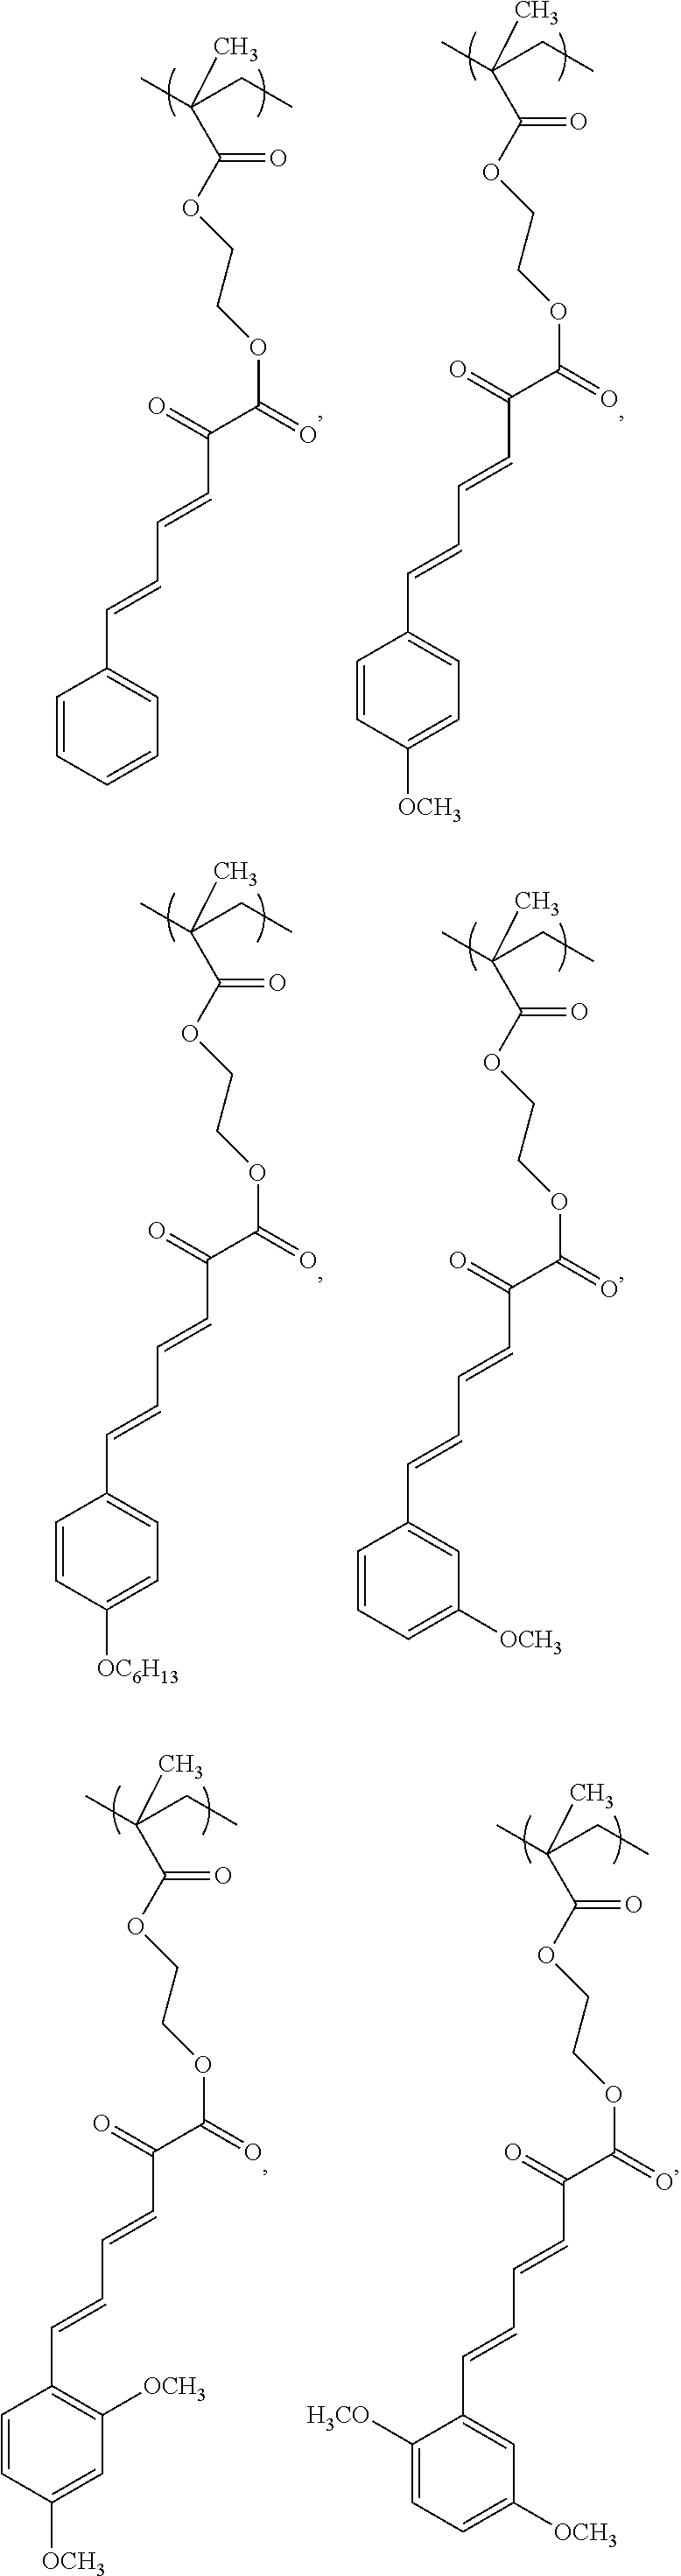 Figure US08878169-20141104-C00066